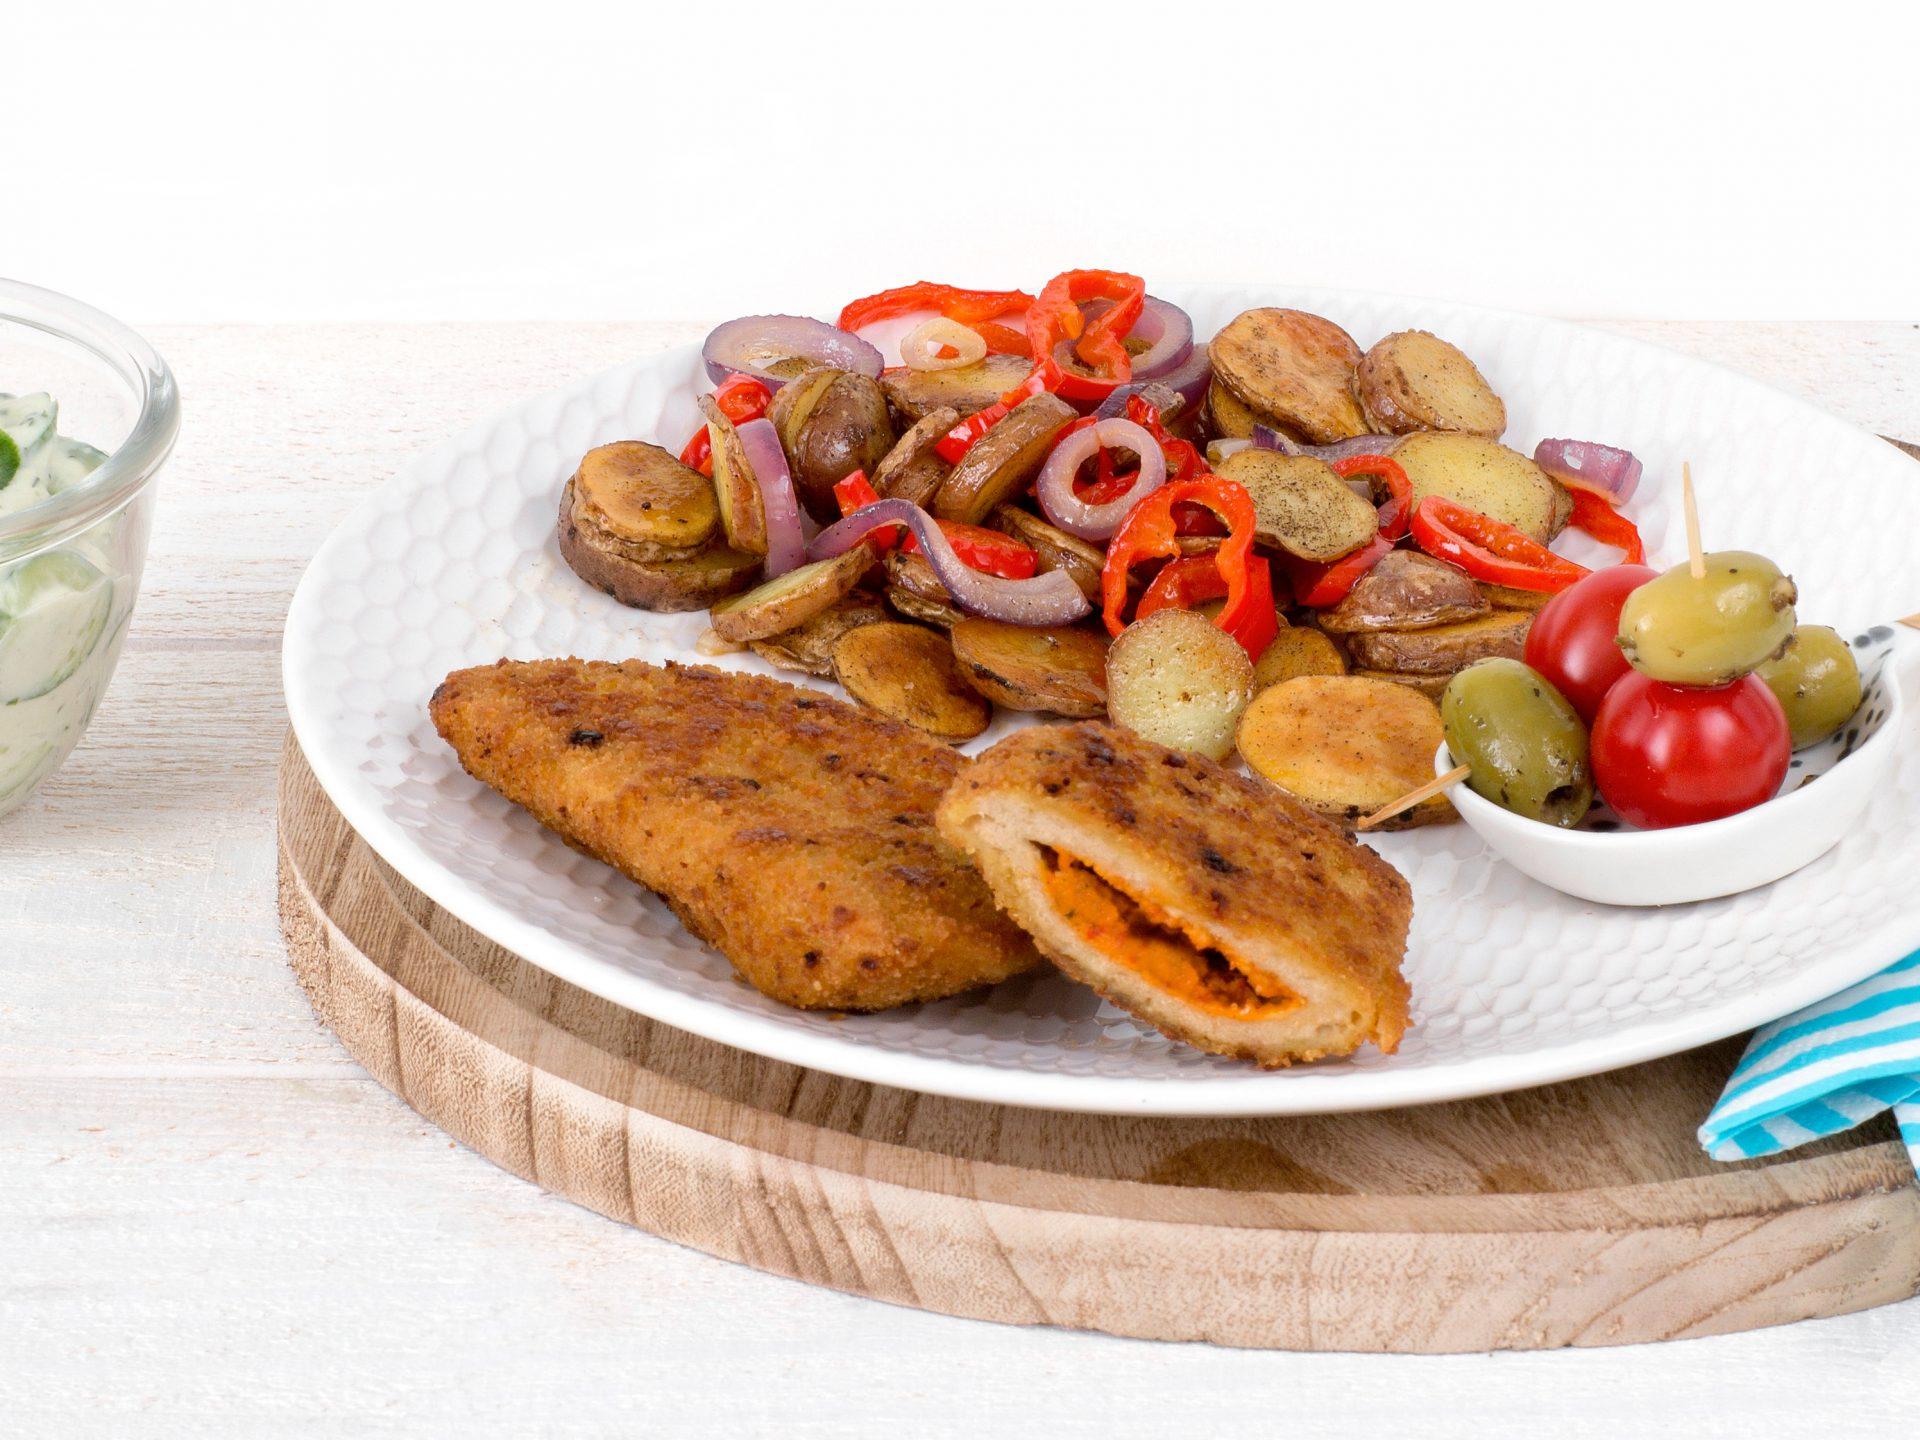 Fleischersatz: vegetarische griechisches Schnitzel